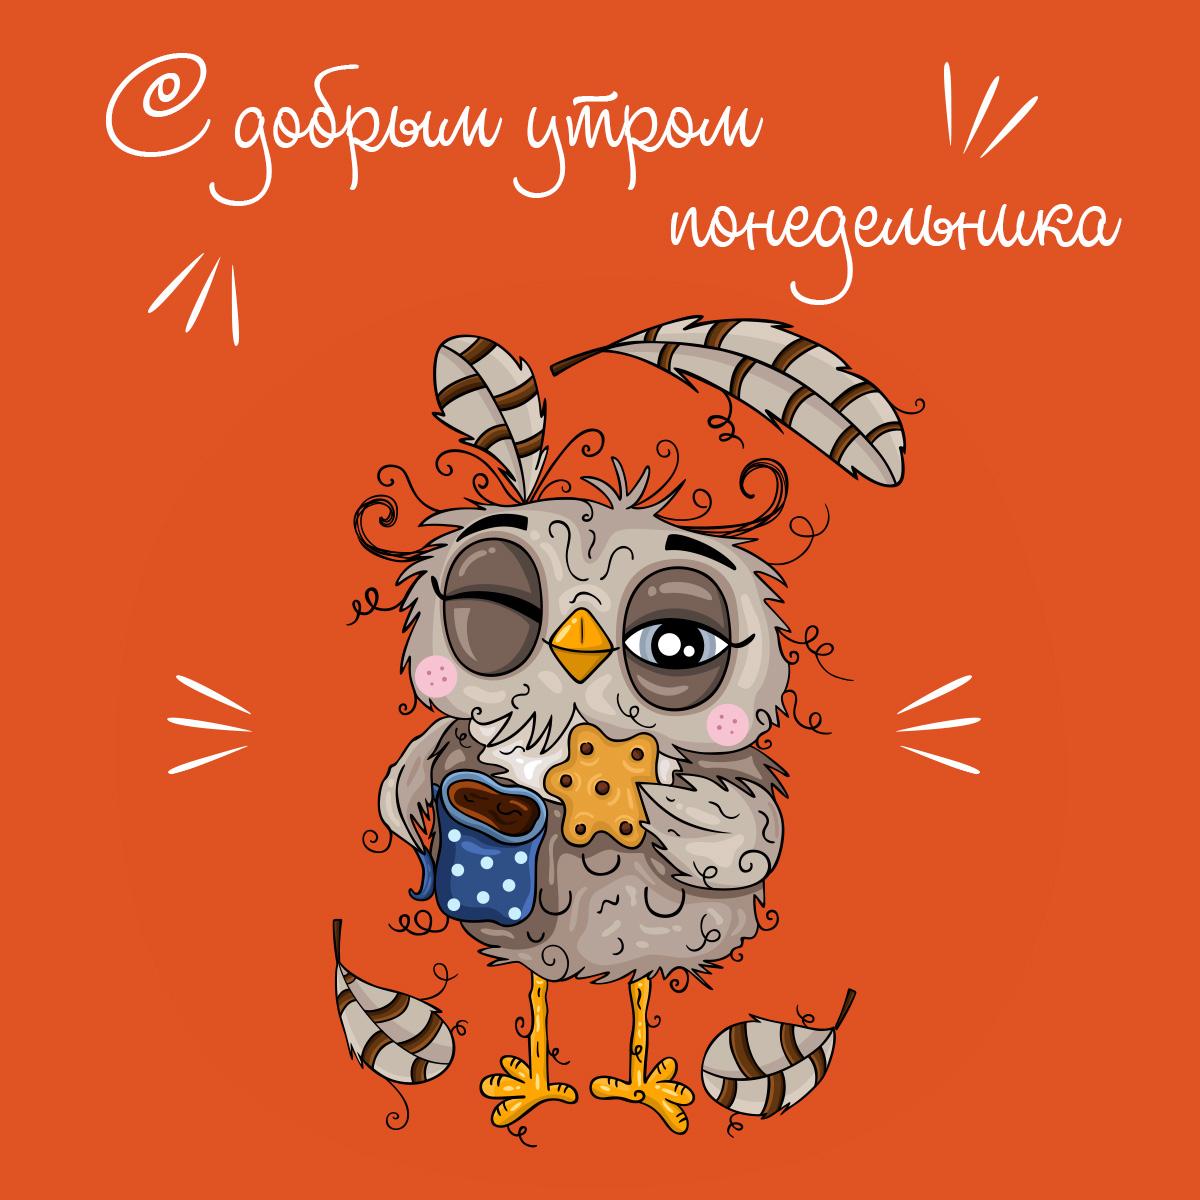 Картинка с добрым утром понедельника: мультипликационная сова и текст на оранжевом фоне.